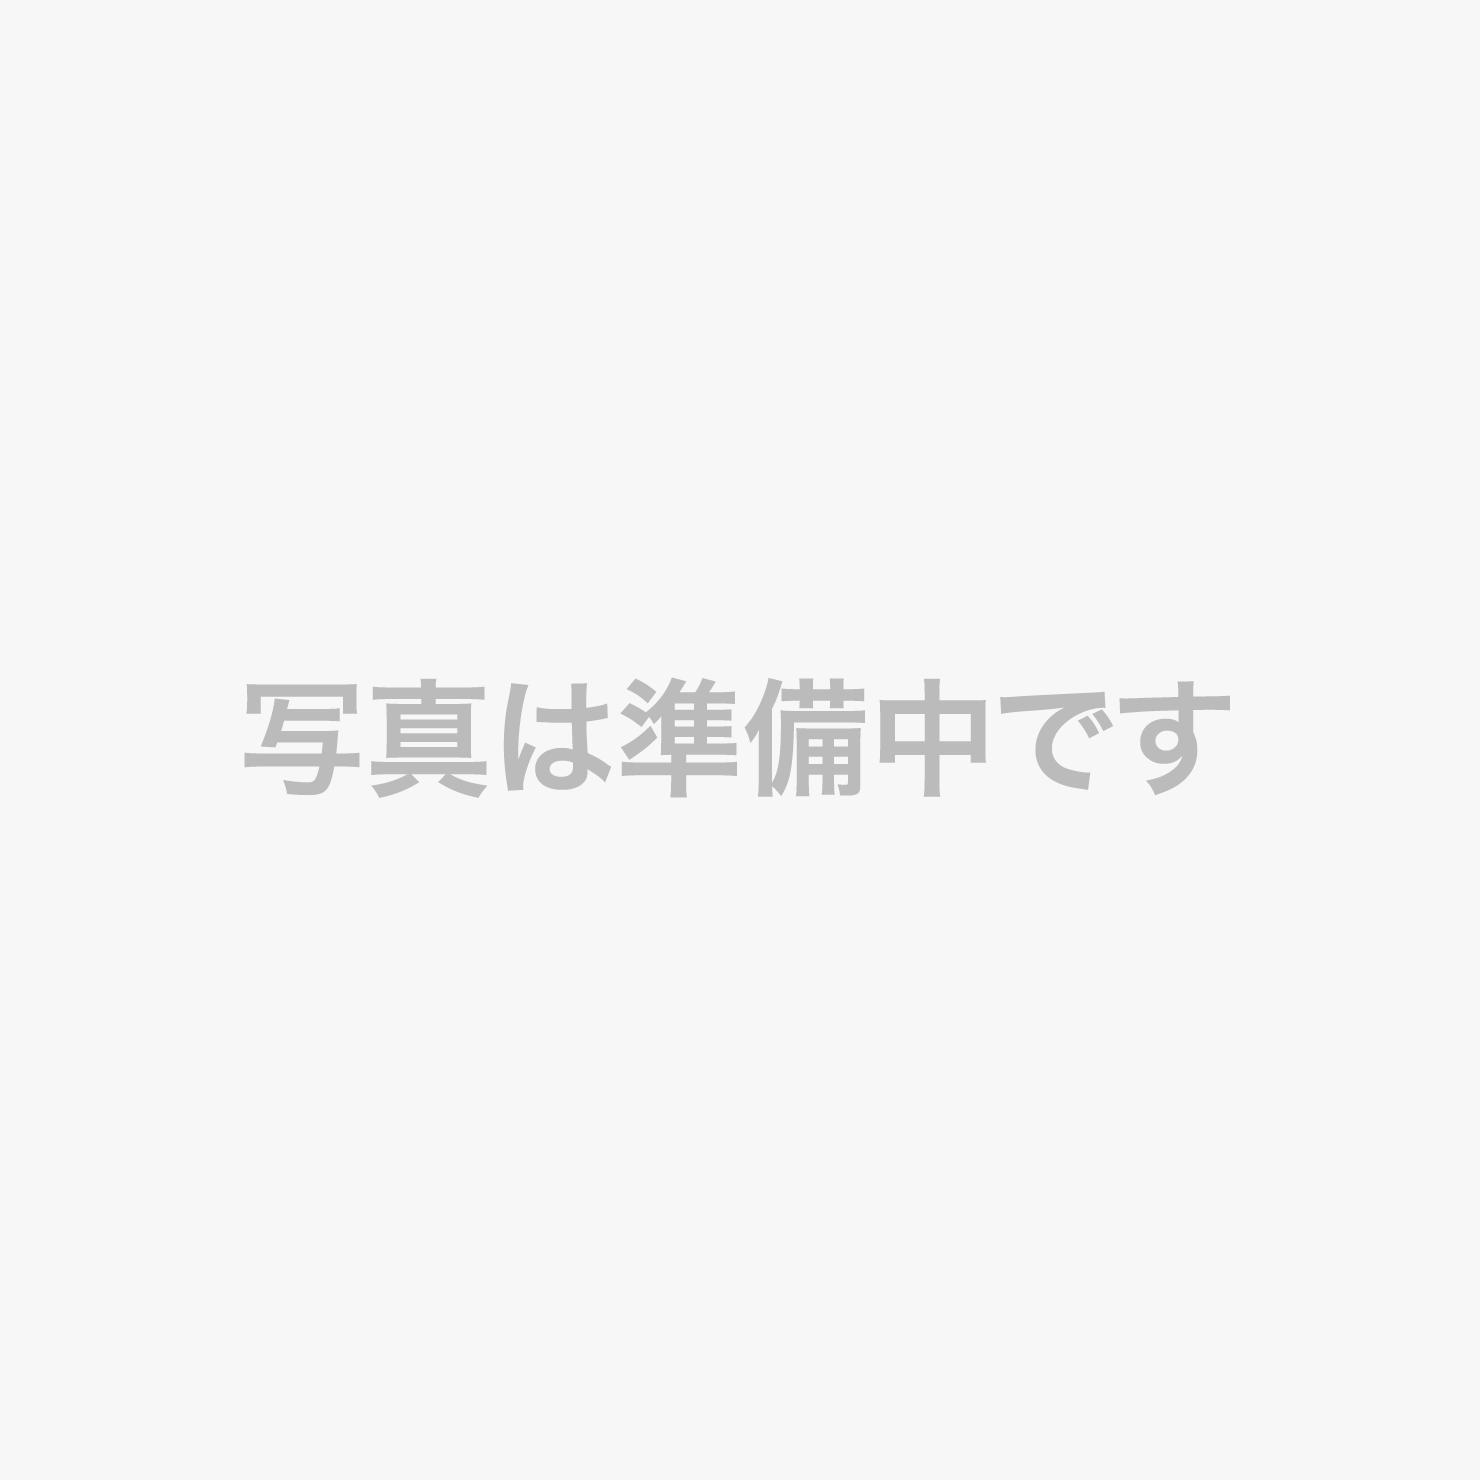 """【ラグーン】新キッズゾーン◆こどもプール""""パルパル""""ママー!プールって楽しいね~♪"""